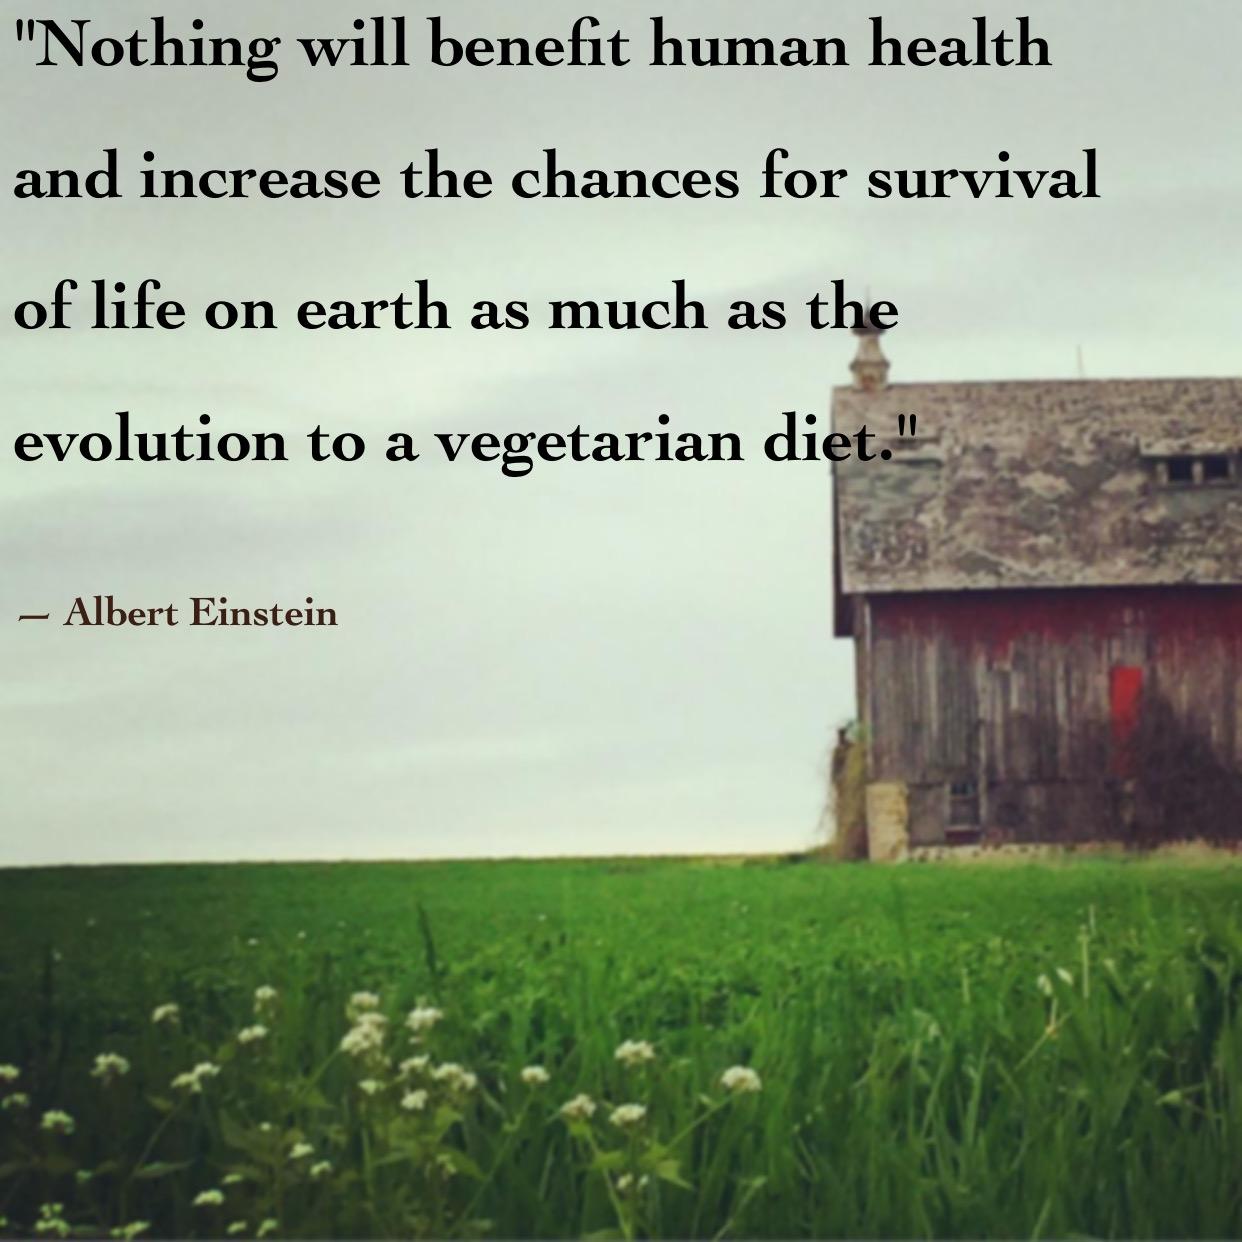 Albert Einstein quote about the evolution to vegetarianism